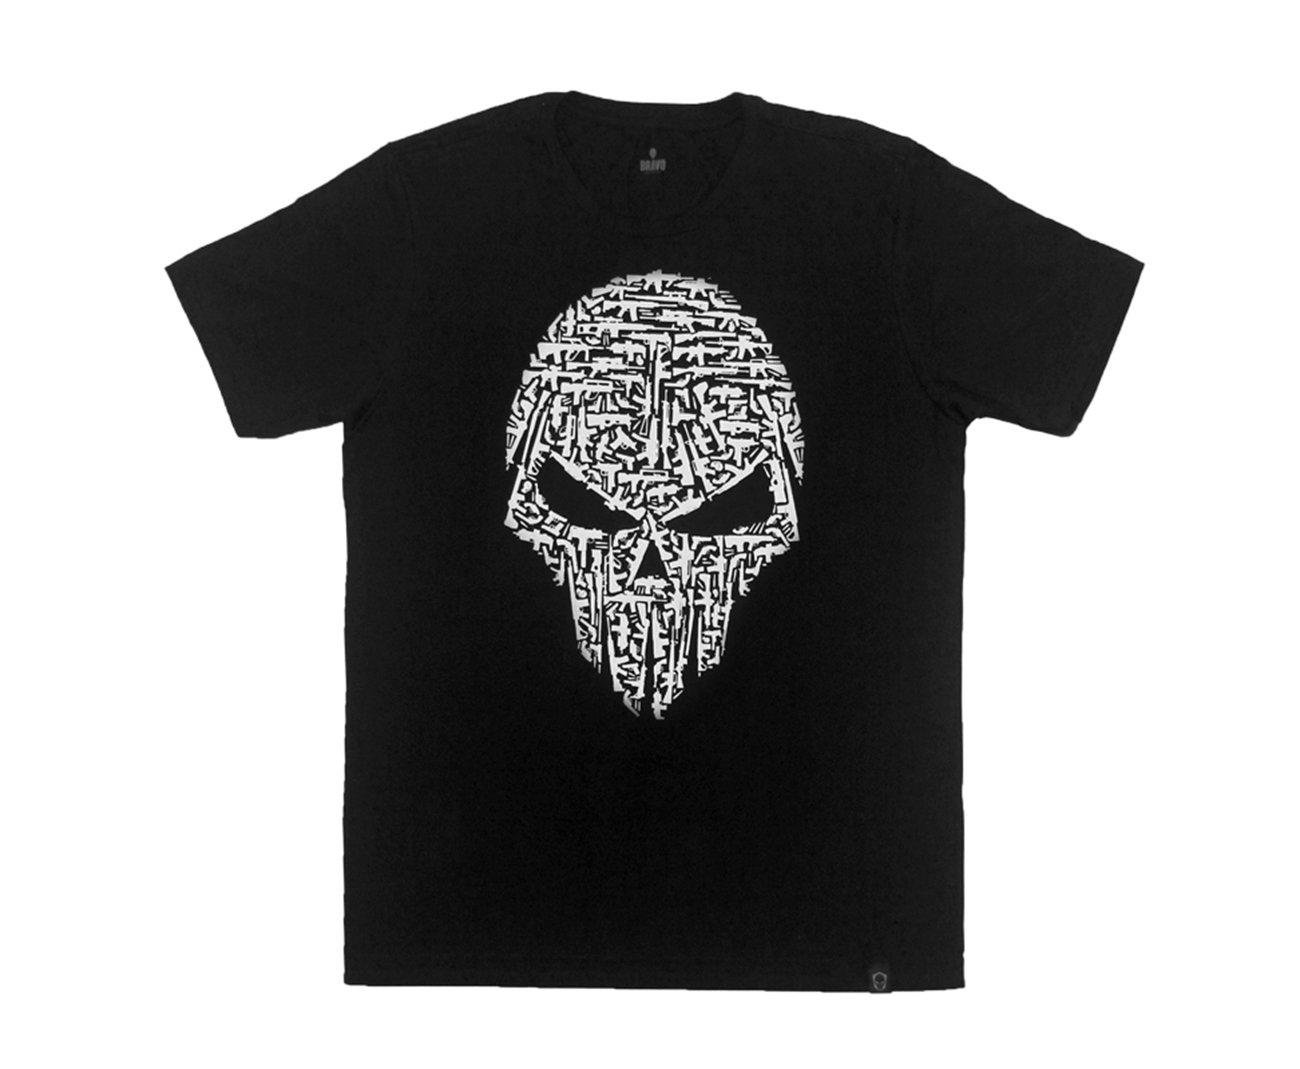 Camiseta Estampada Caveira Com Armas - Bravo